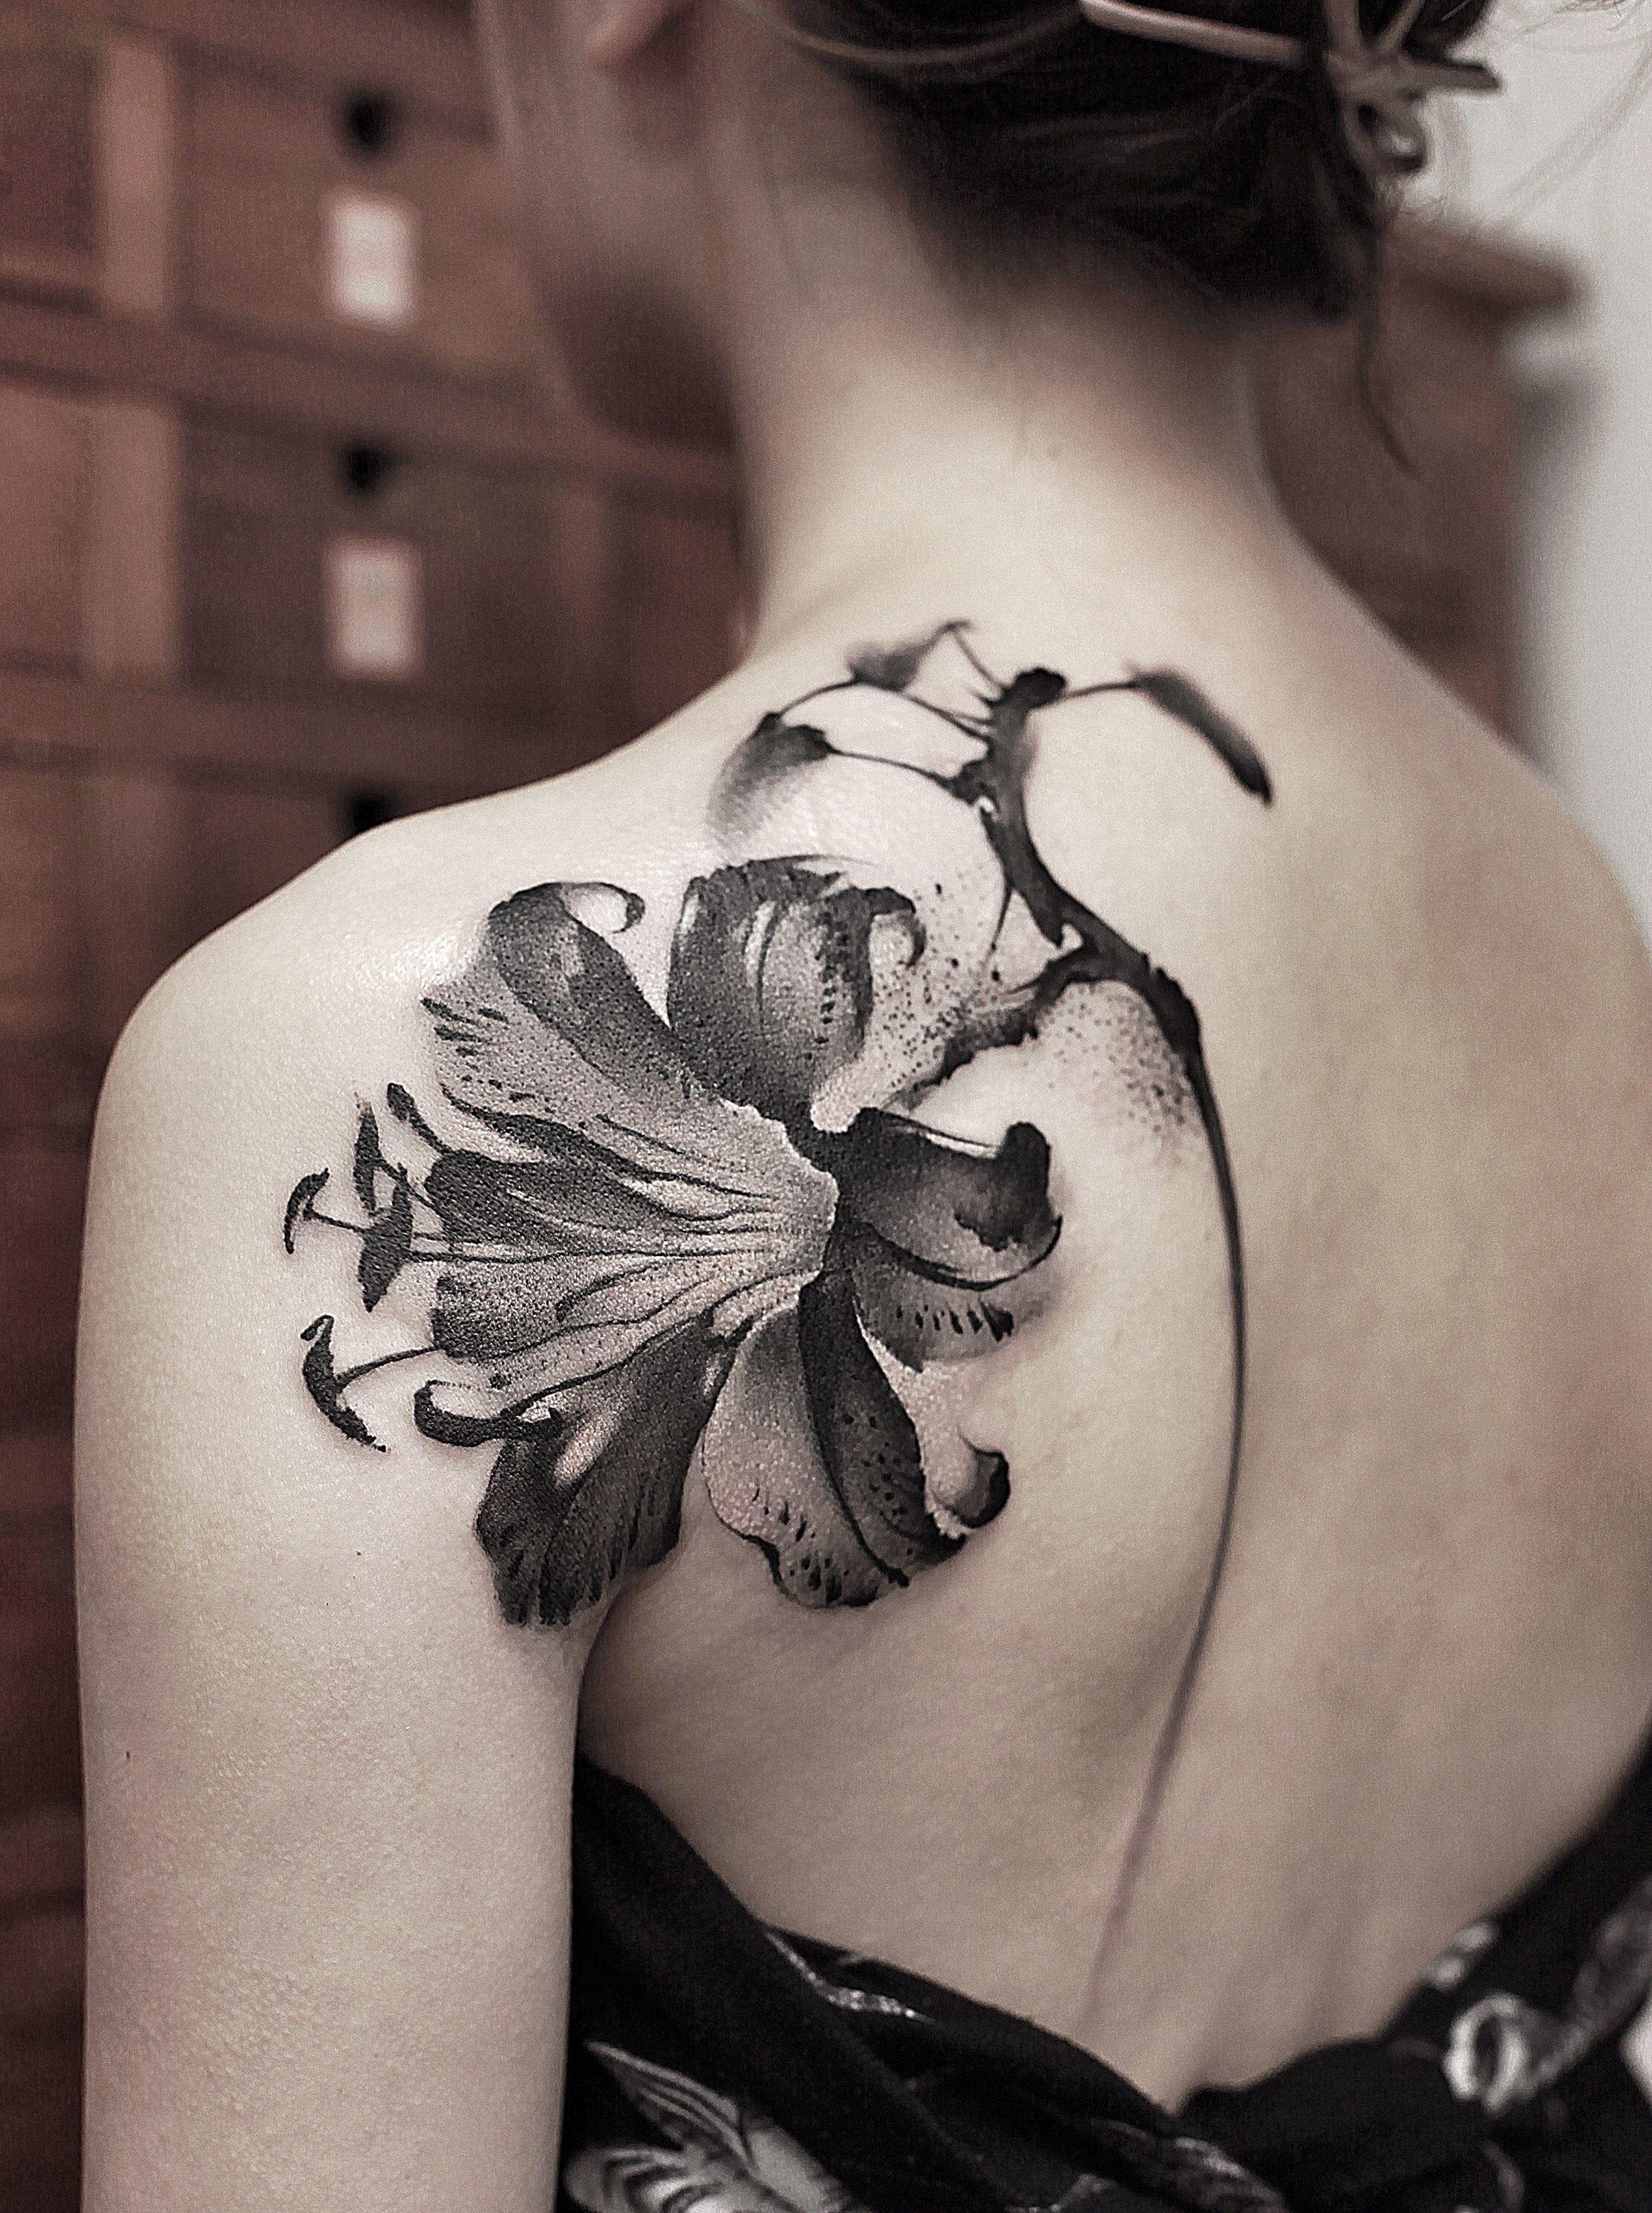 Tattoos chinese ink painting instagramnewtattoo tattoo tattoos chinese ink painting instagramnewtattoo izmirmasajfo